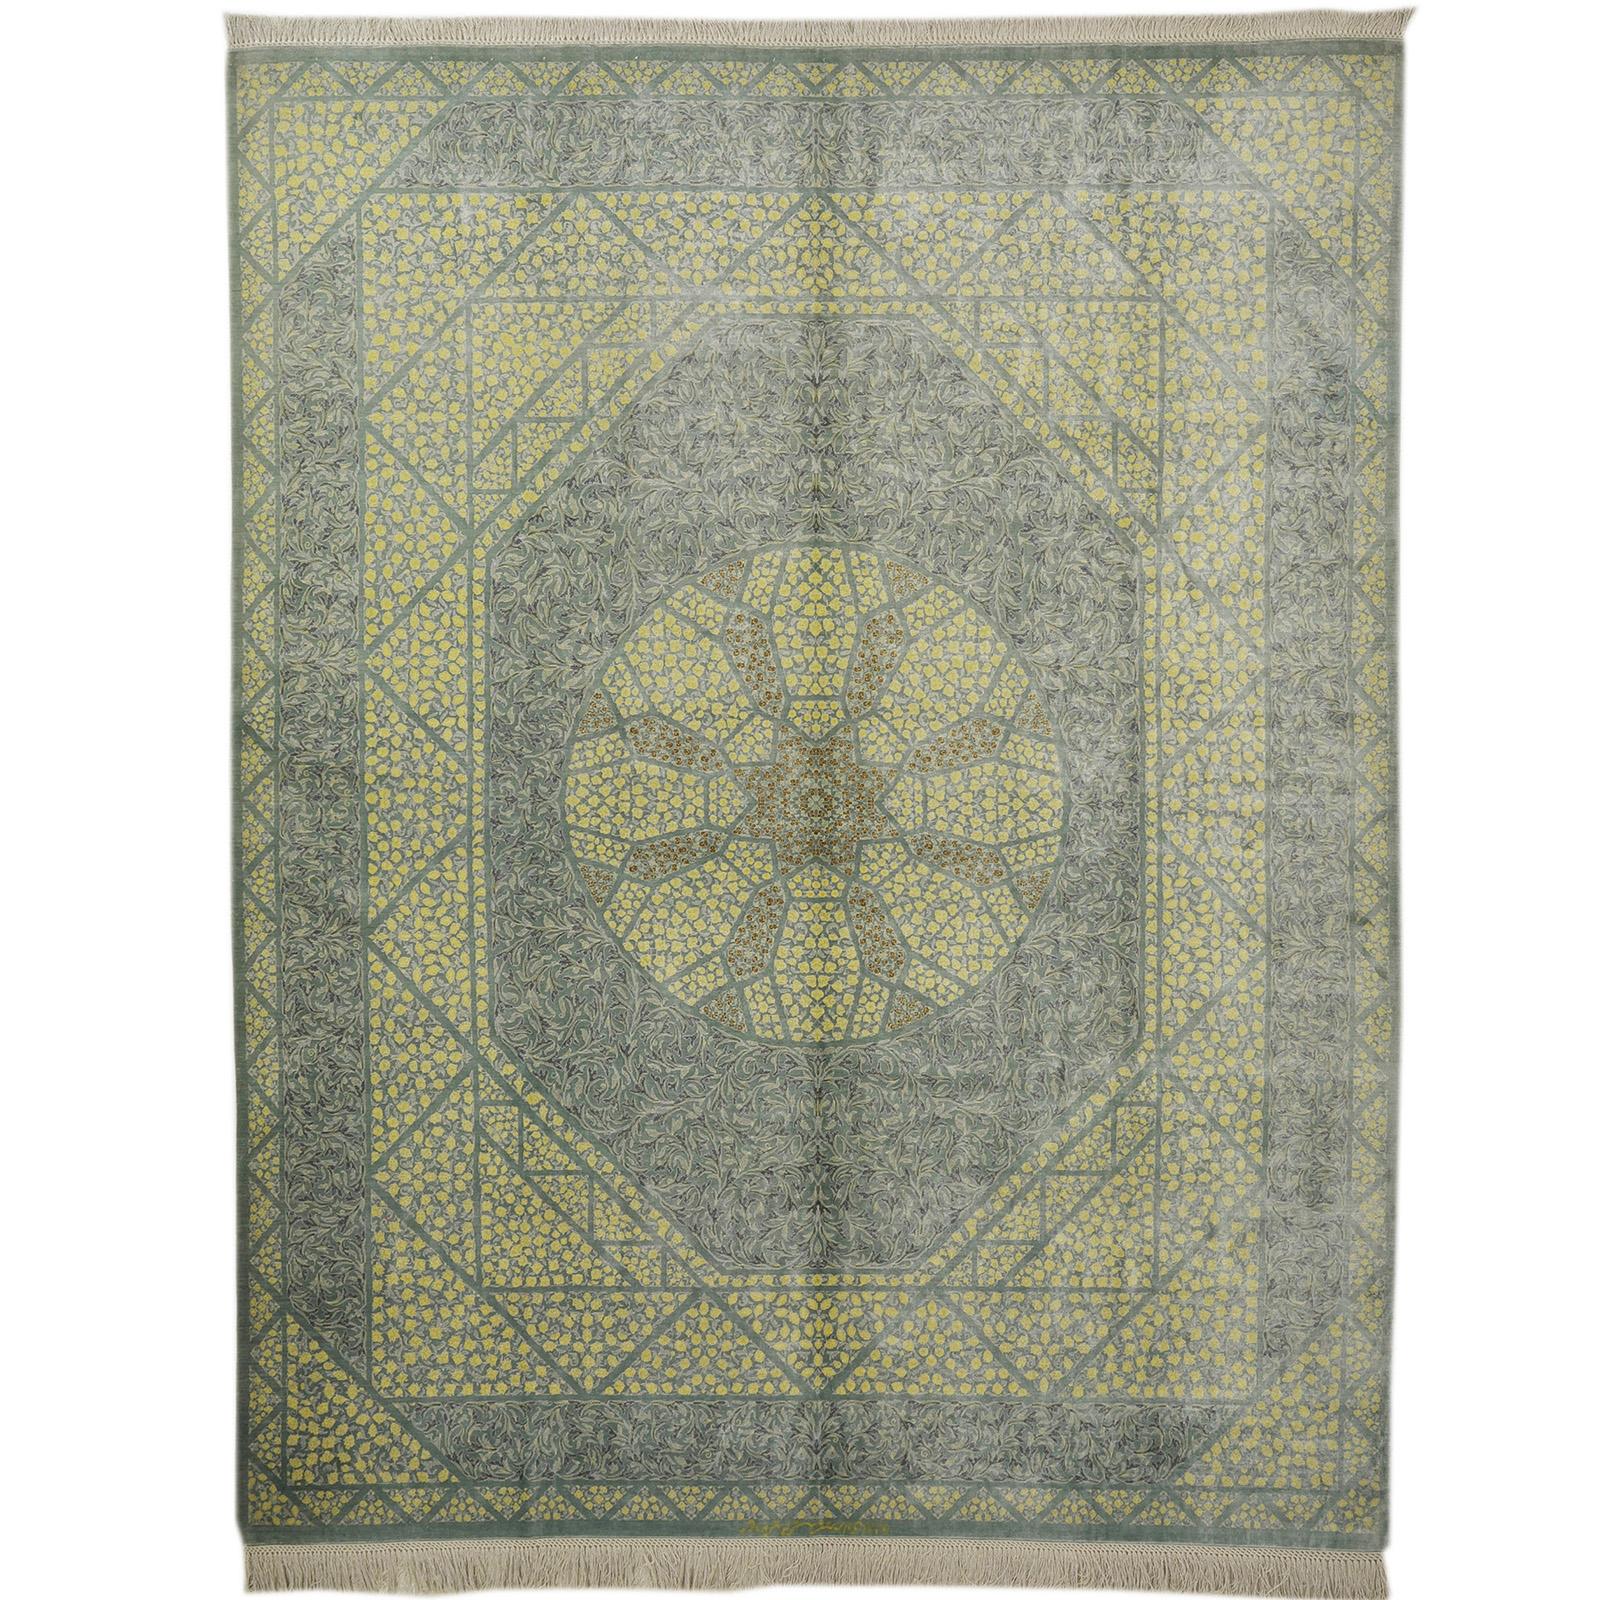 Ghom silke matta storlek 255x200 cm